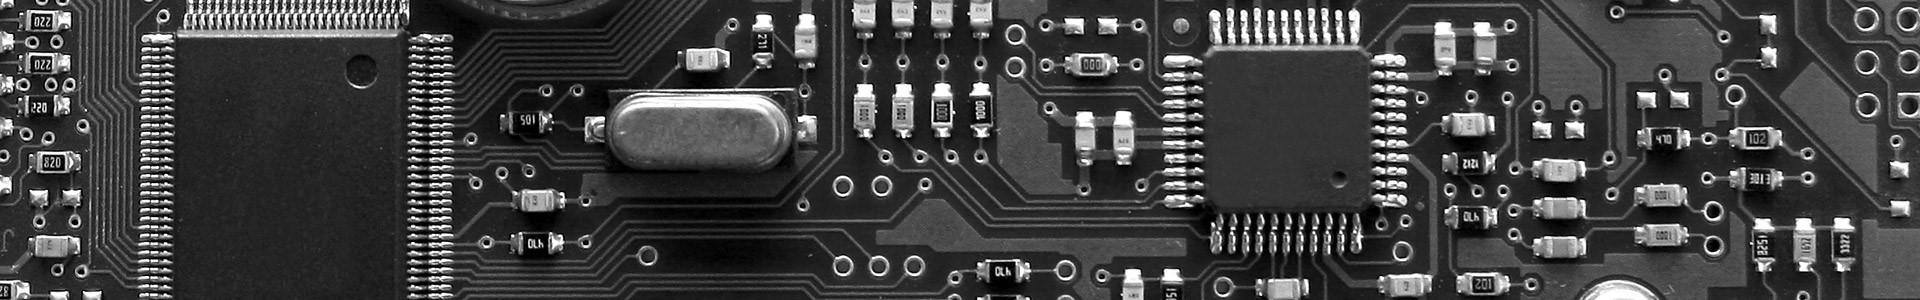 electronics-pcb